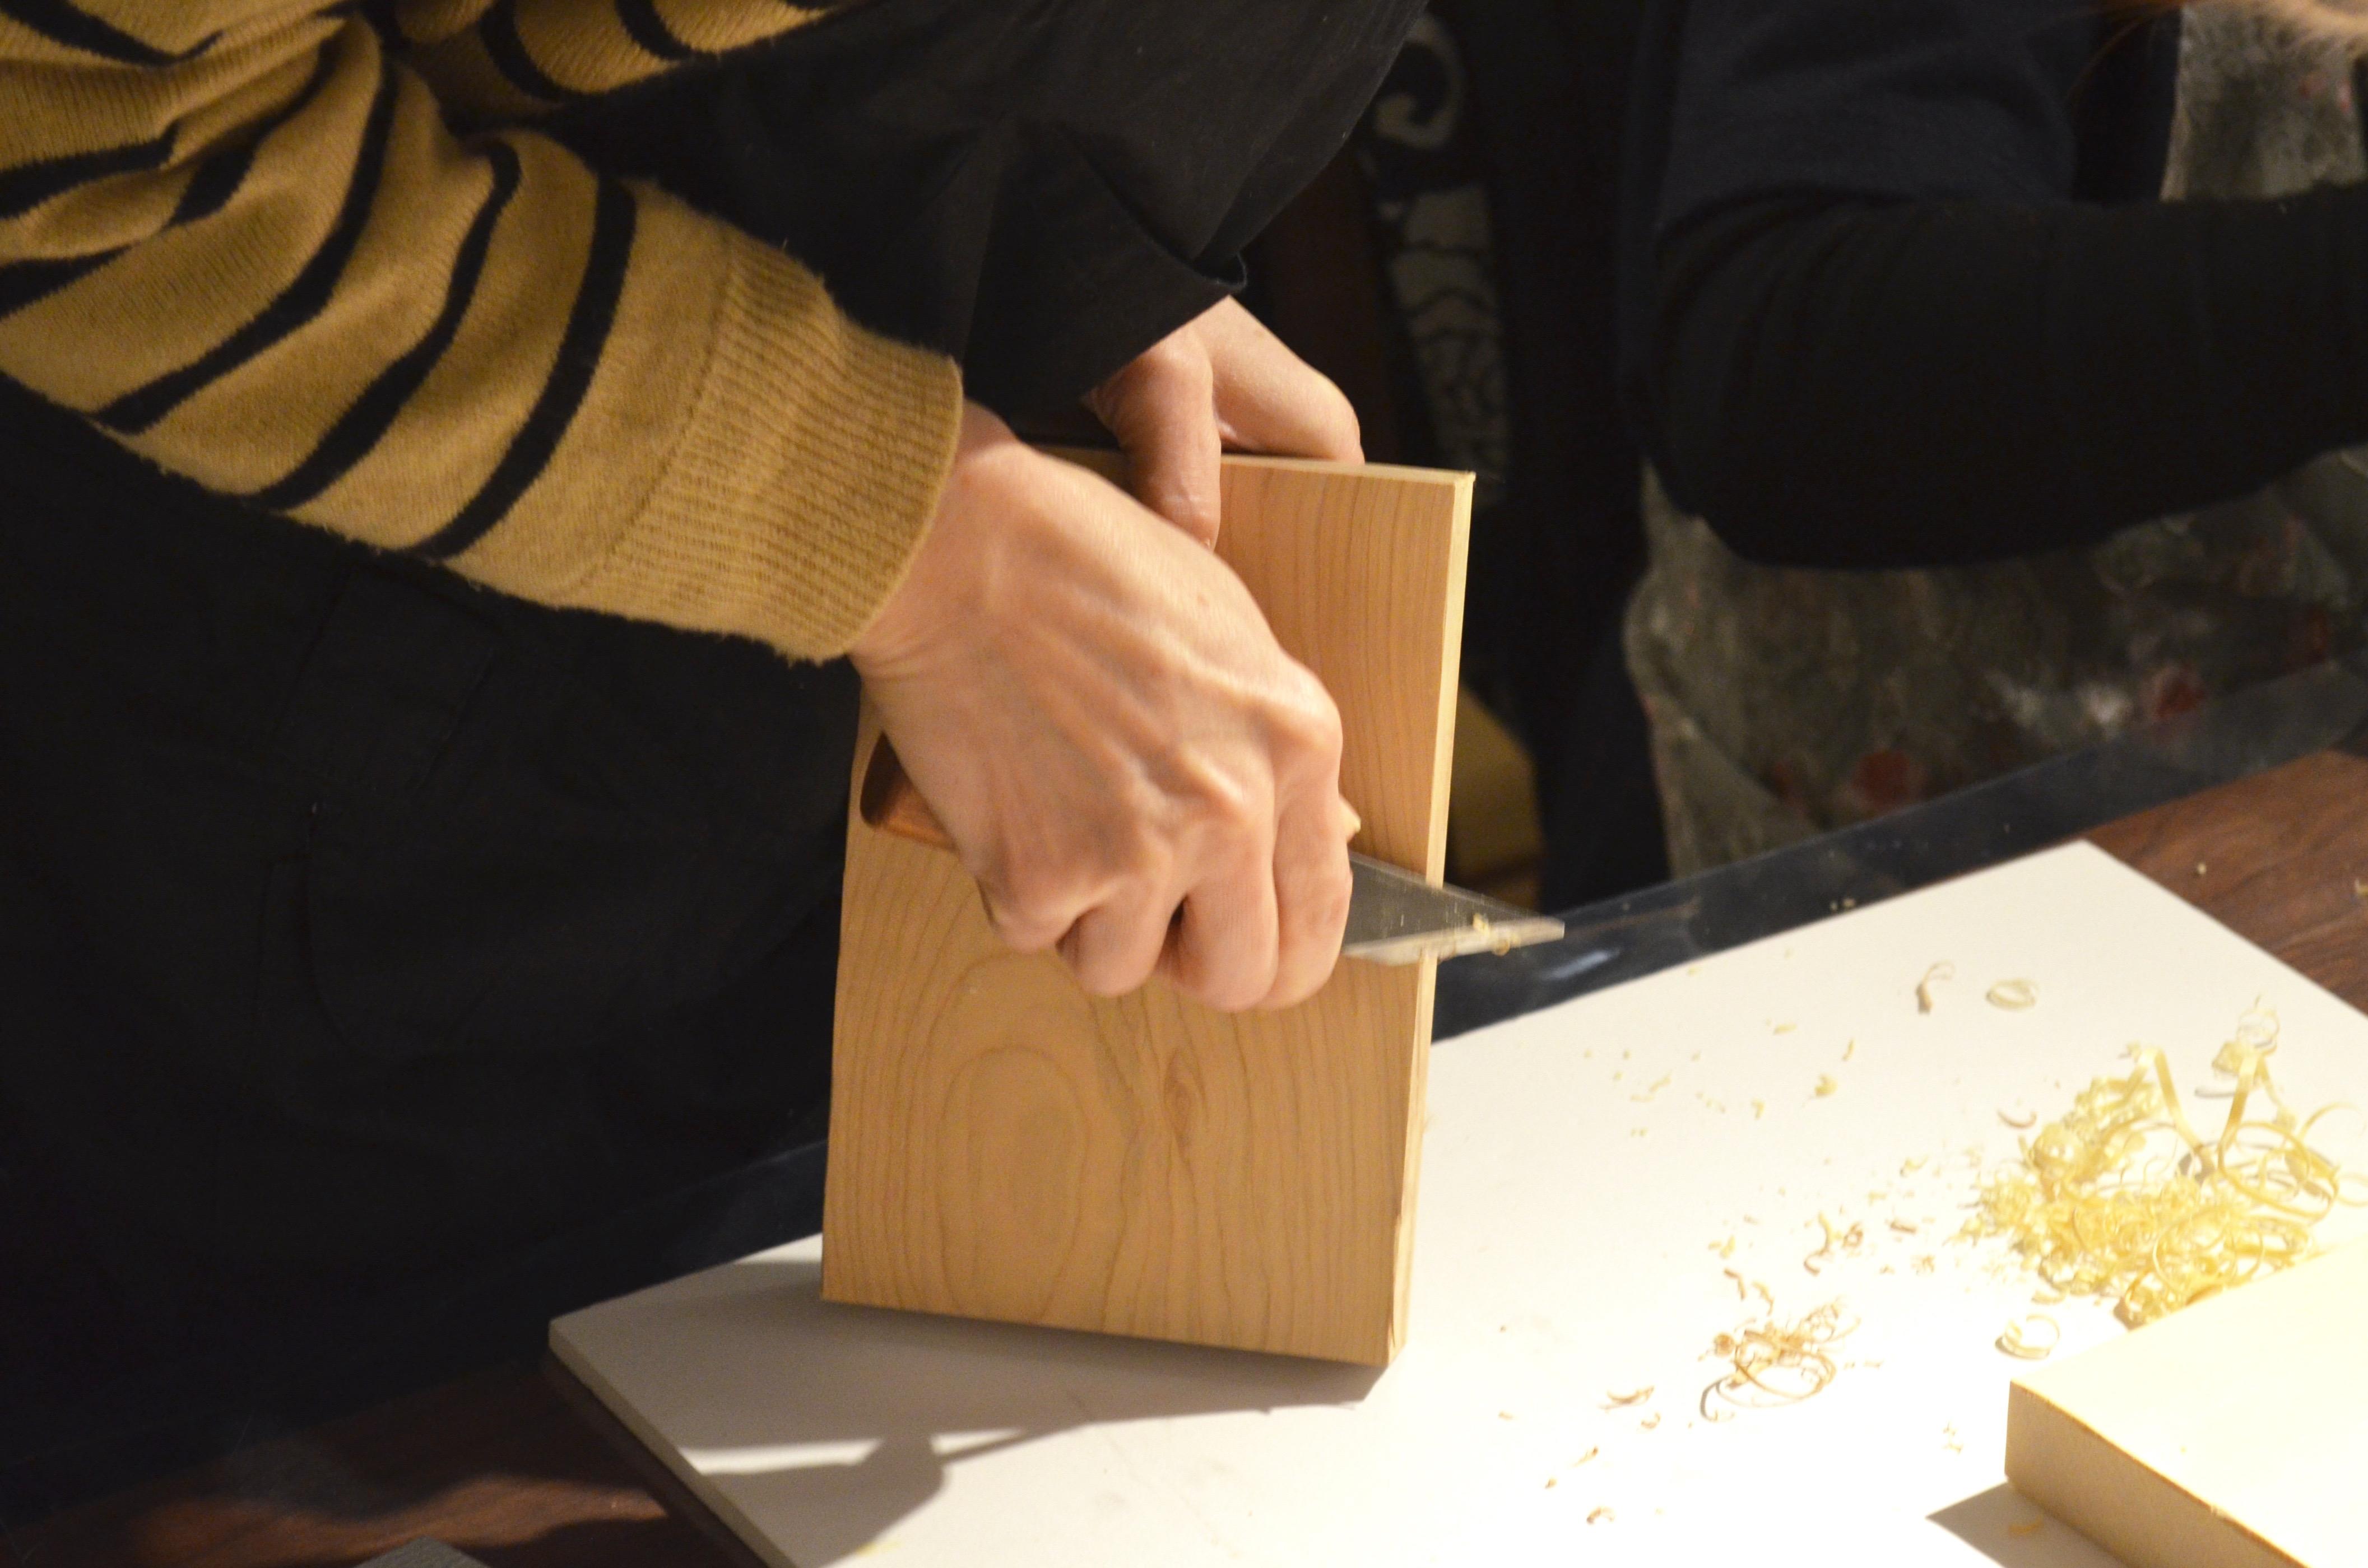 地元で活躍する作家の方々が大集合!松坂屋名古屋でものづくり体験 - 145 d001 org